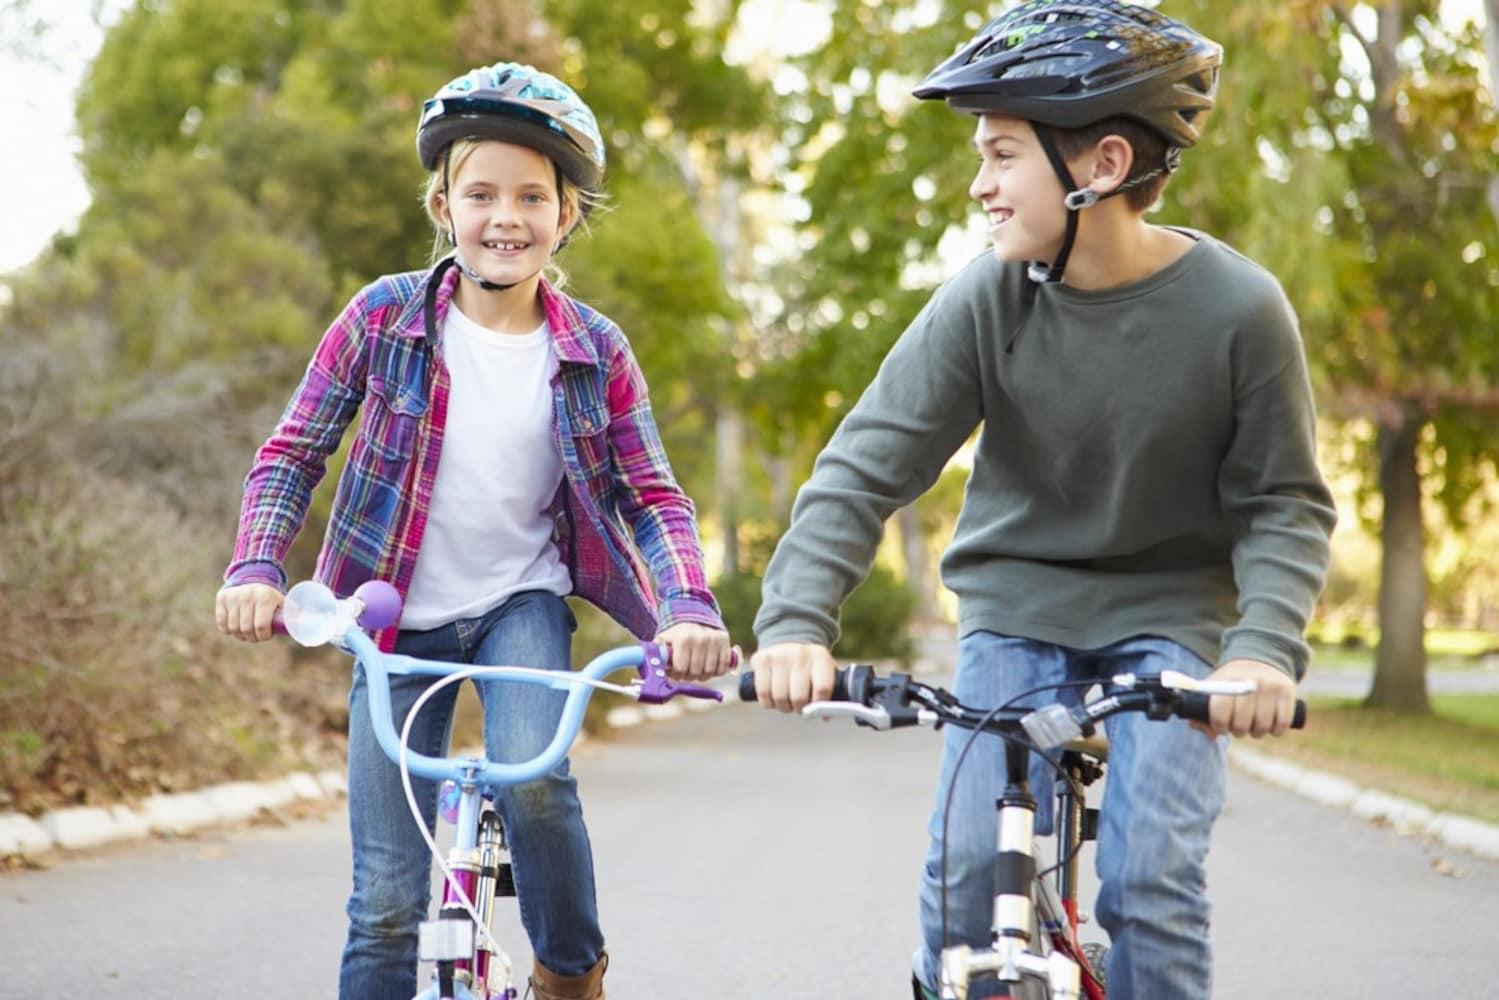 ロードバイクに乗る子供